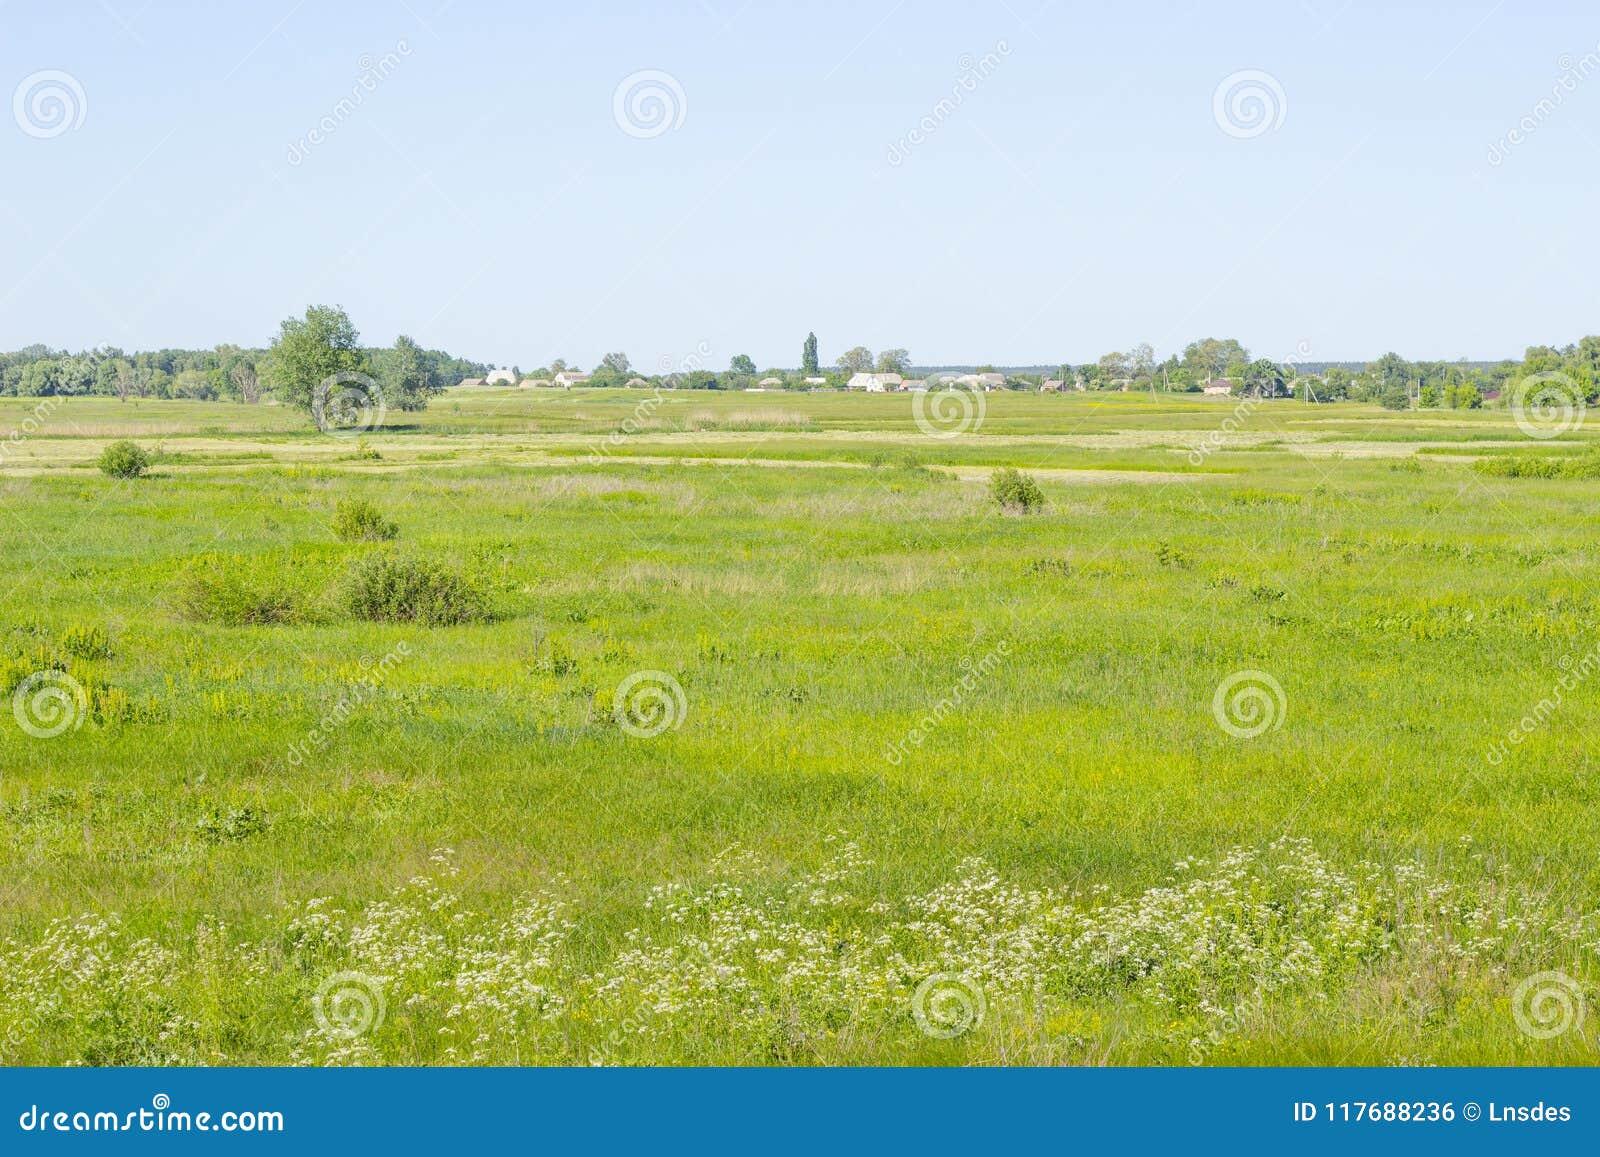 Dorps landelijk landschap met groene gebied en buitenhuizen, de zomerweide, gras op een weiland, gebied, aardachtergrond